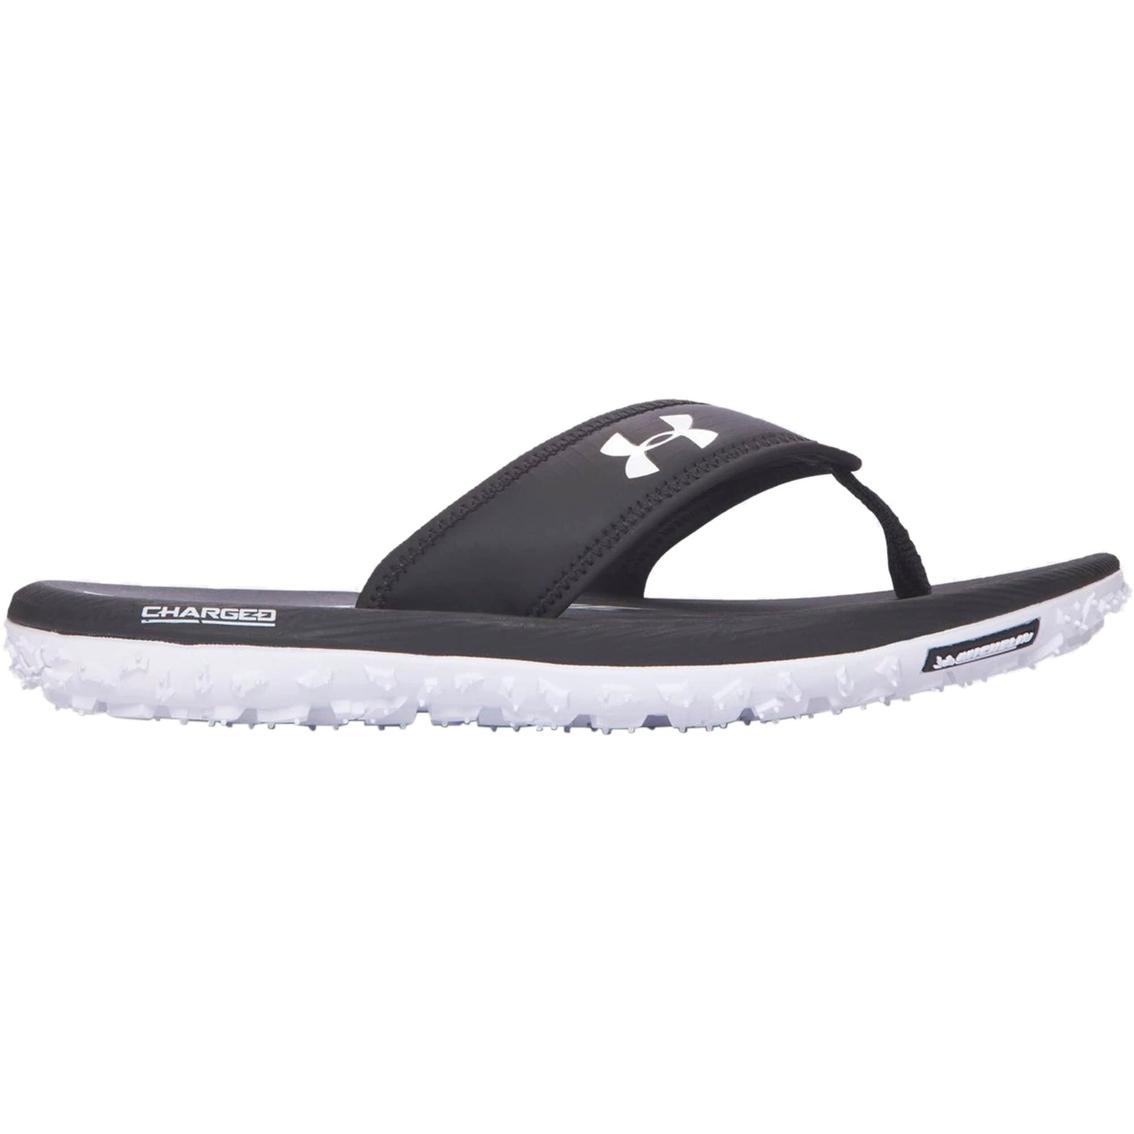 quality design 7e86c 4051f Under Armour Men's Fat Tire Sandals | Sandals & Flip Flops ...